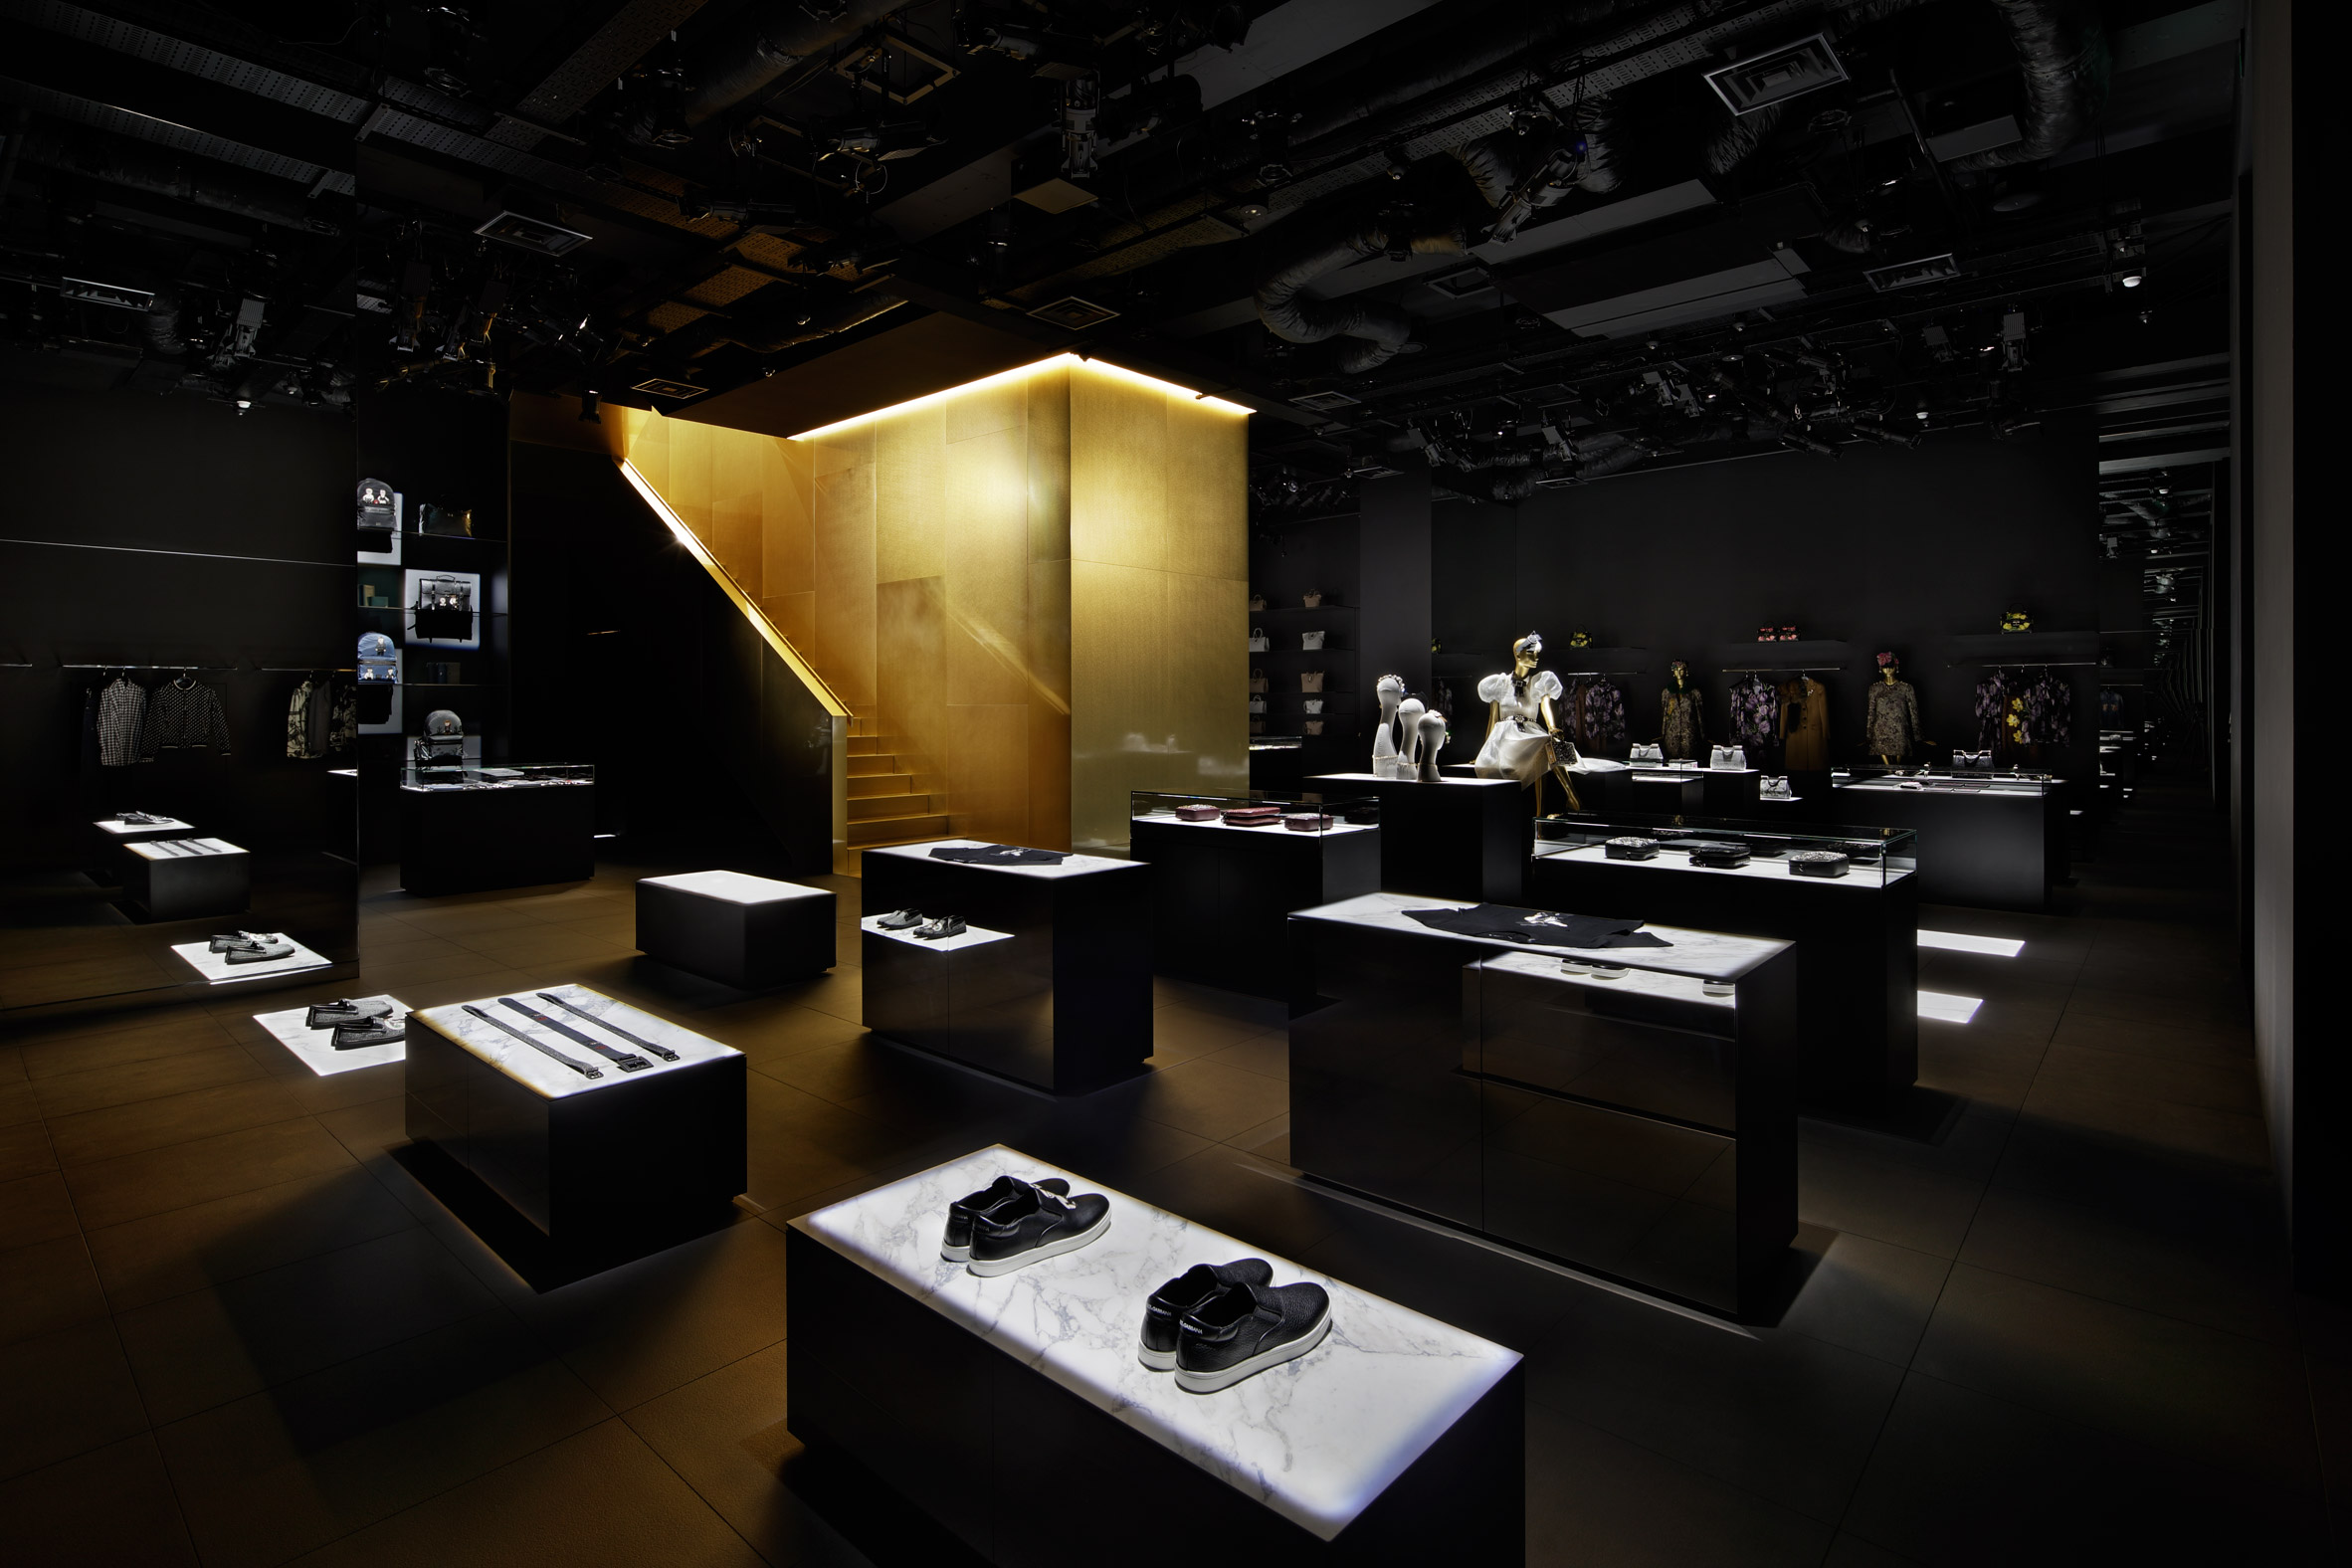 architecture_dolceandgabbana_tokyo_design_studia_interiors_osnovadesign_osnova_poltava_07